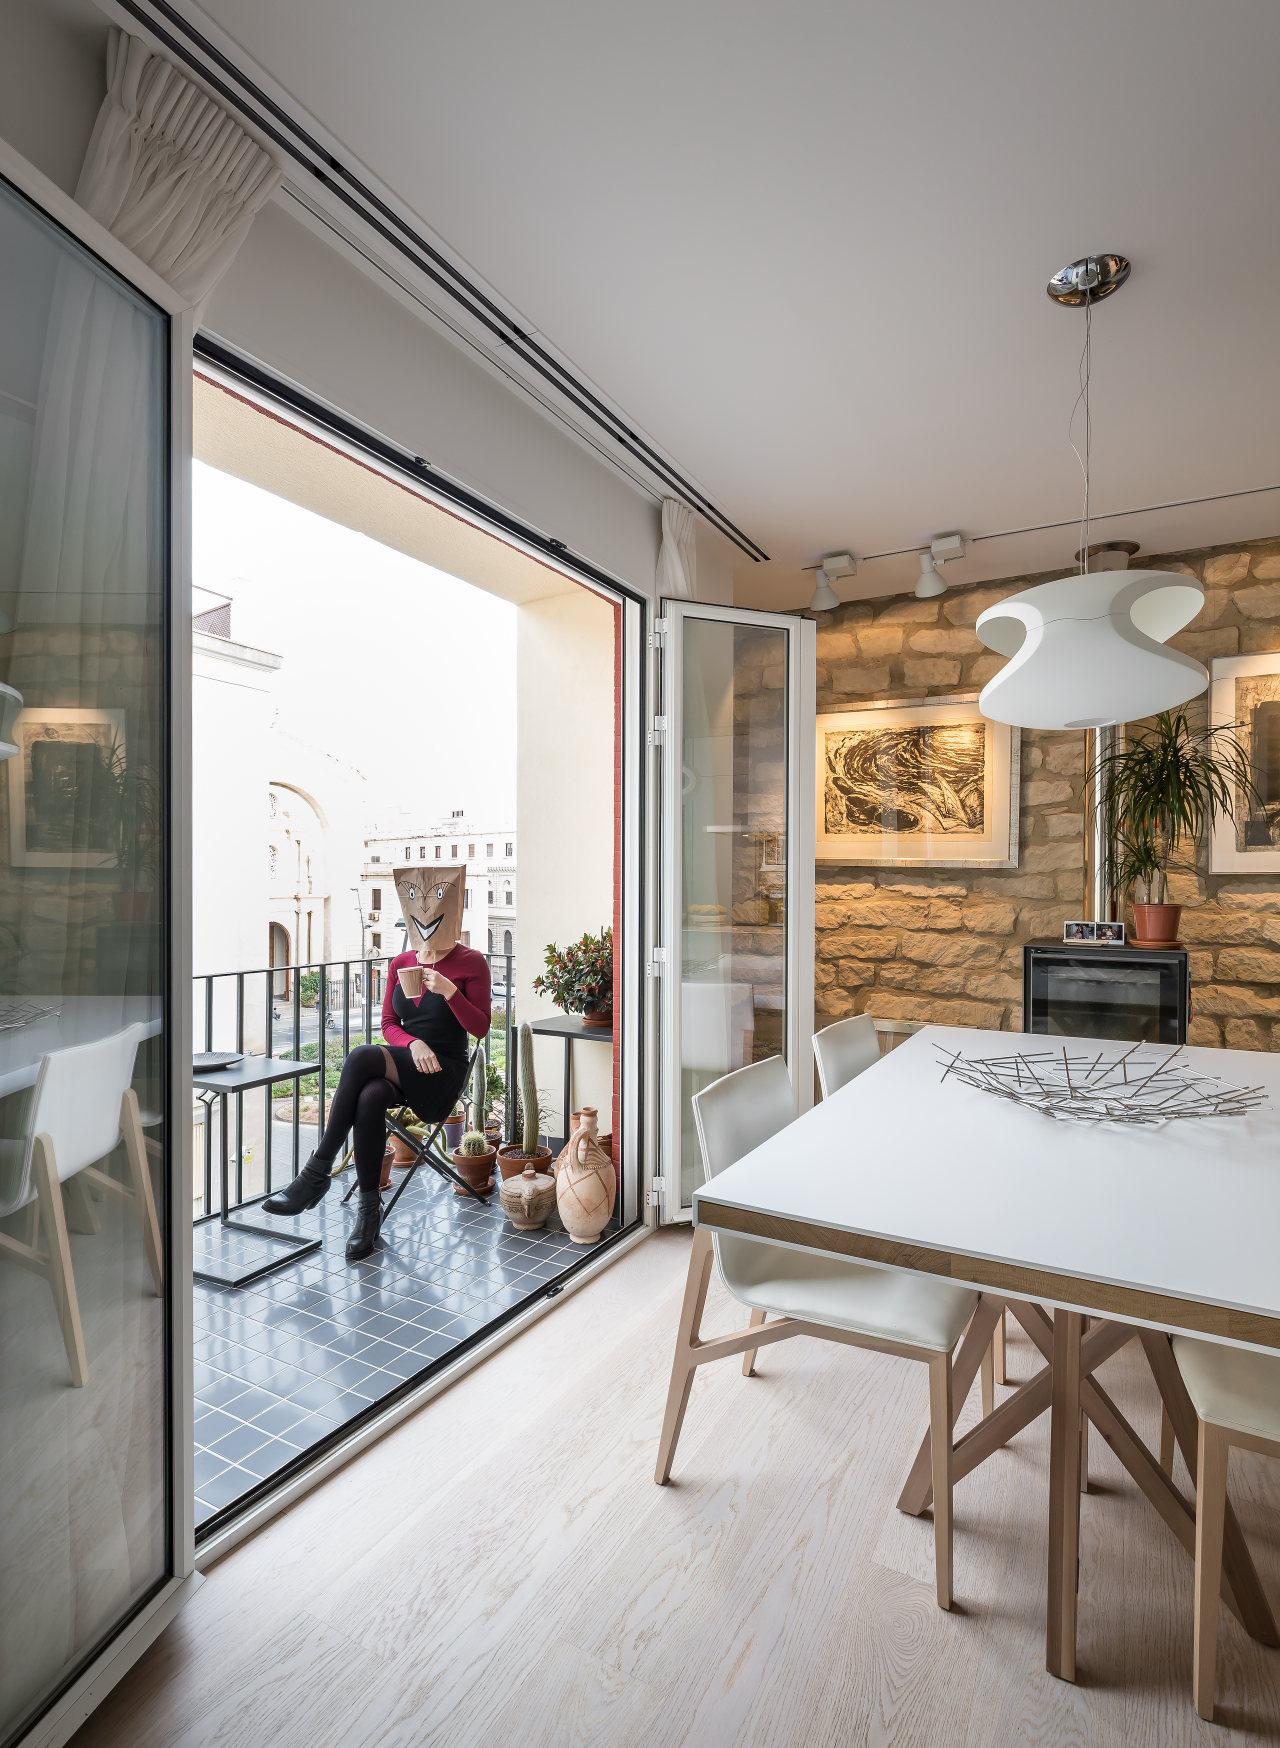 fotografia-arquitectura-valencia-german-cabo-selecta-home-alicante (26)